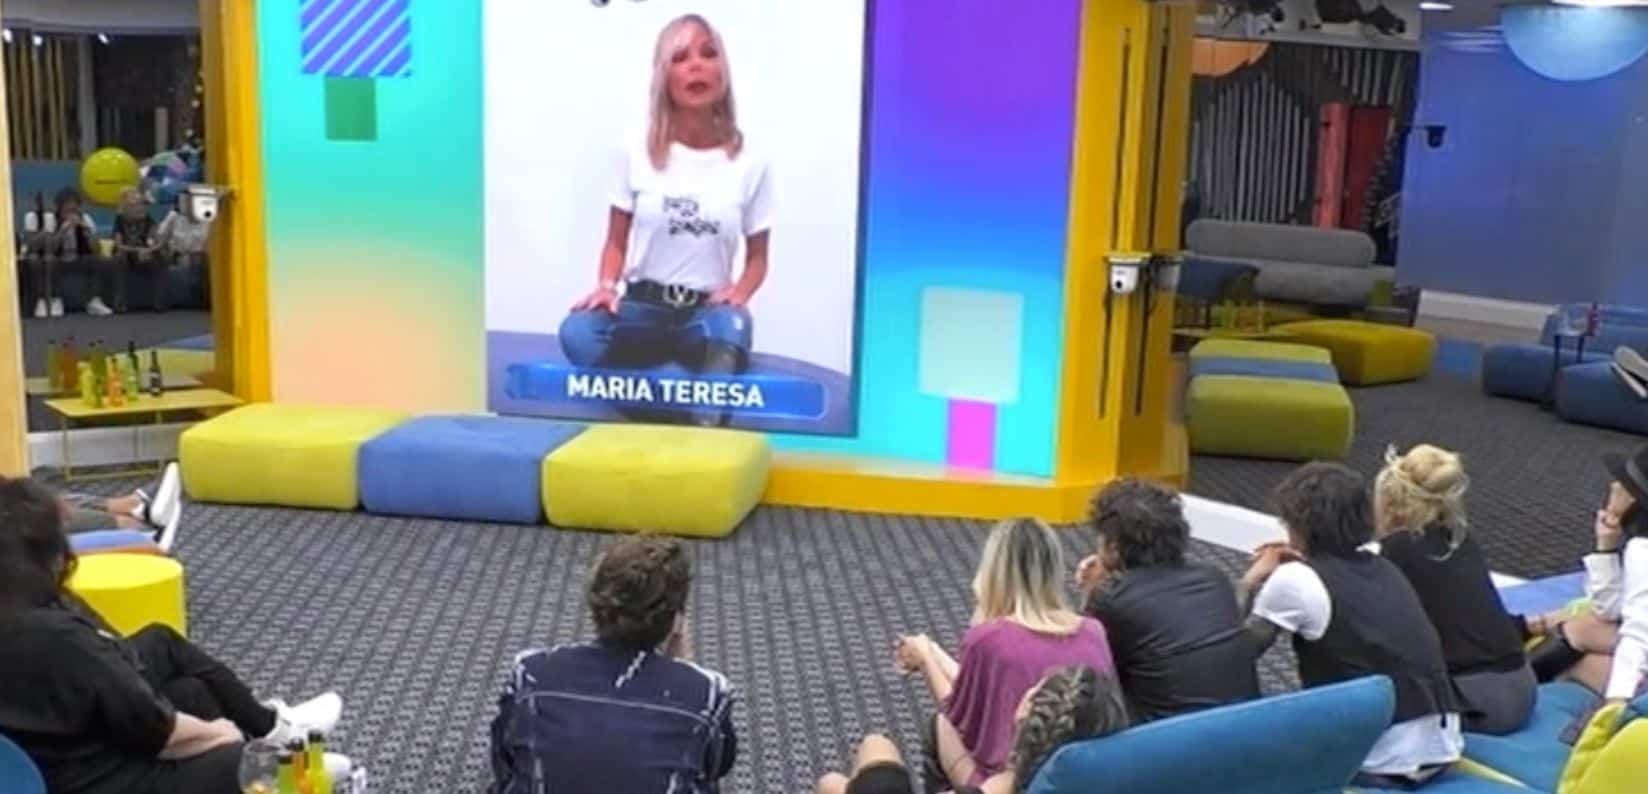 Matilde Brandi rientra in video in casa e attacca i sui ex coinquilini provocando una baraonda